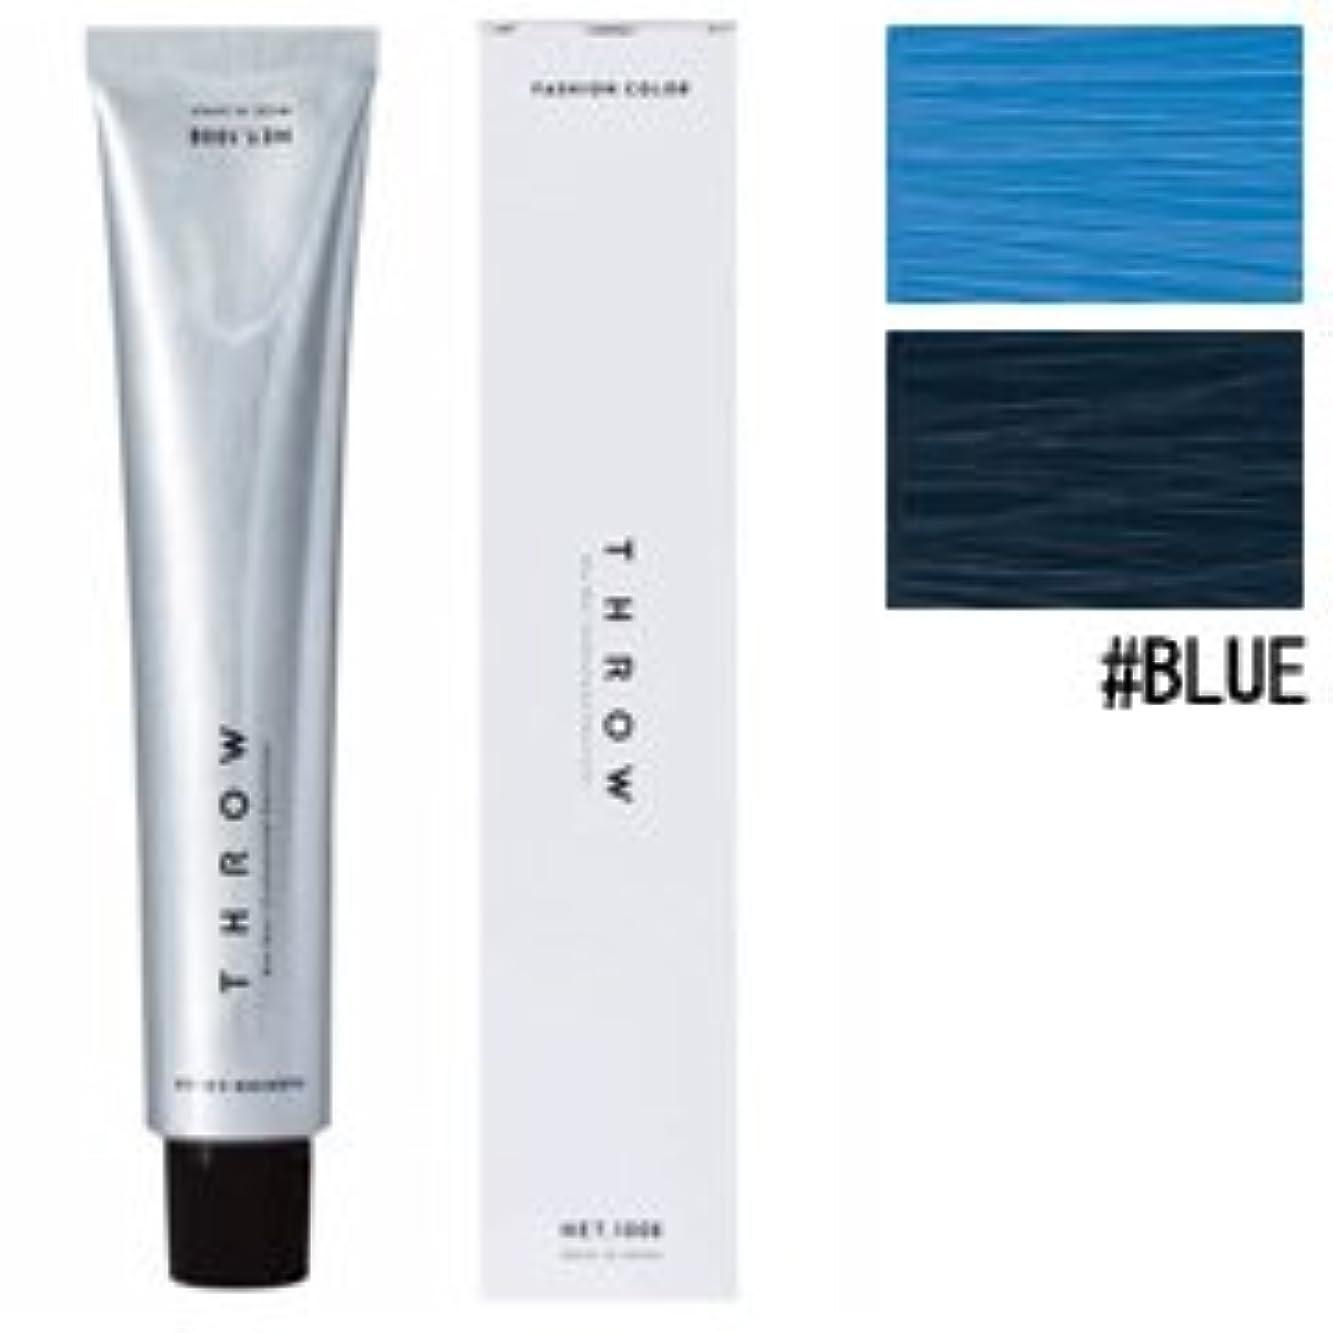 効果バスルームシャーク【モルトベーネ】スロウ ファッションカラー #BLUE 100g